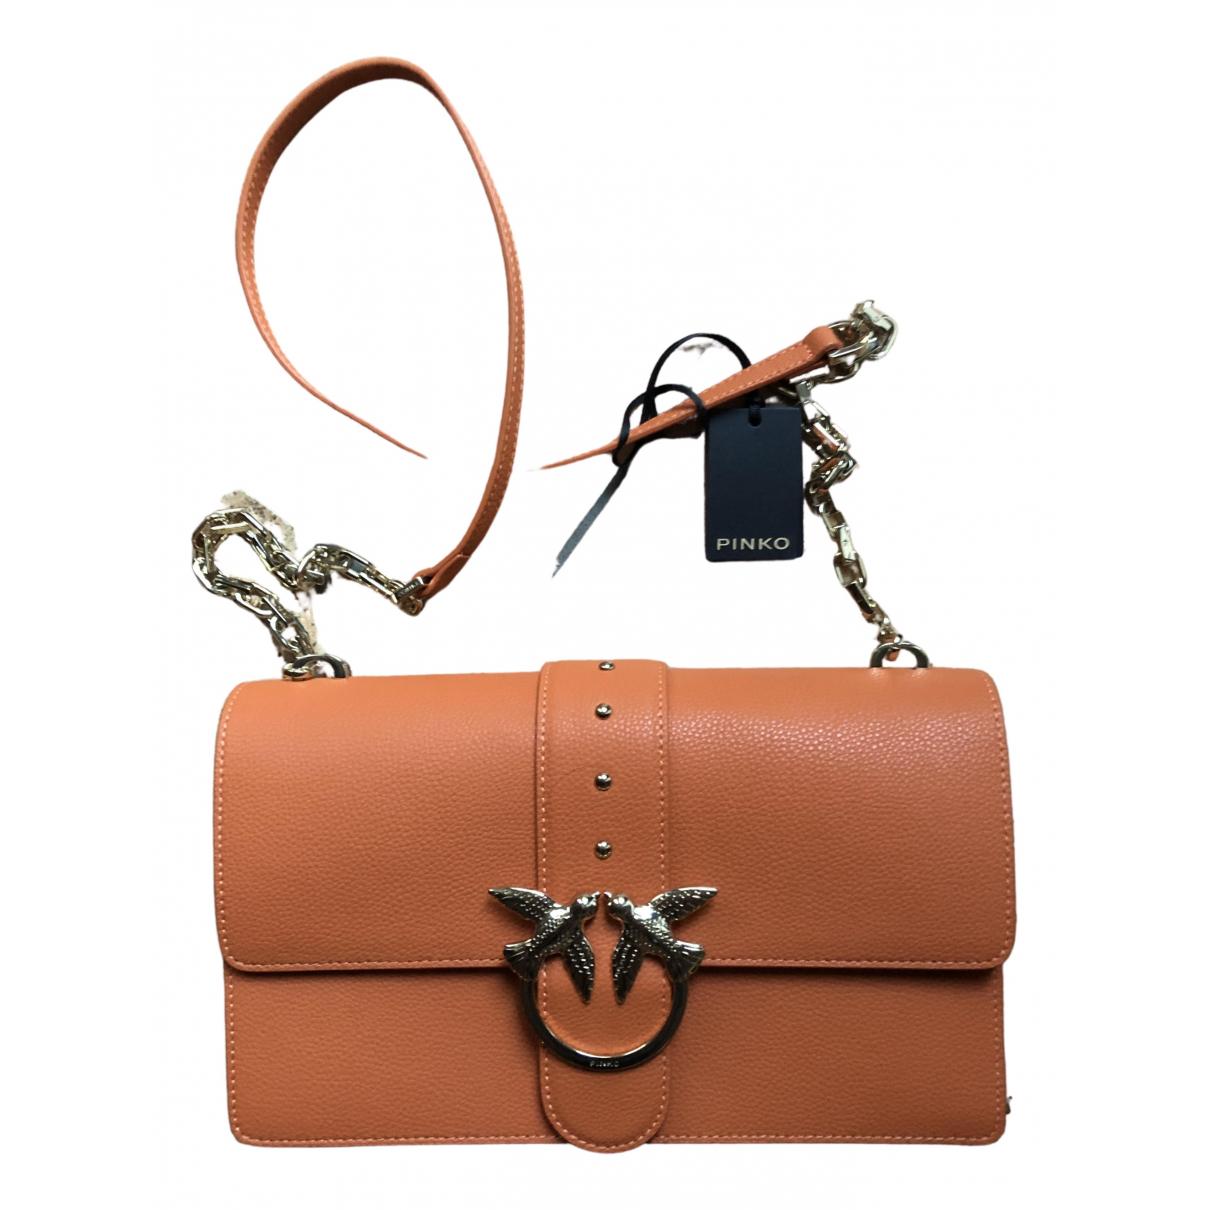 Pinko - Sac a main Love Bag pour femme en cuir - orange